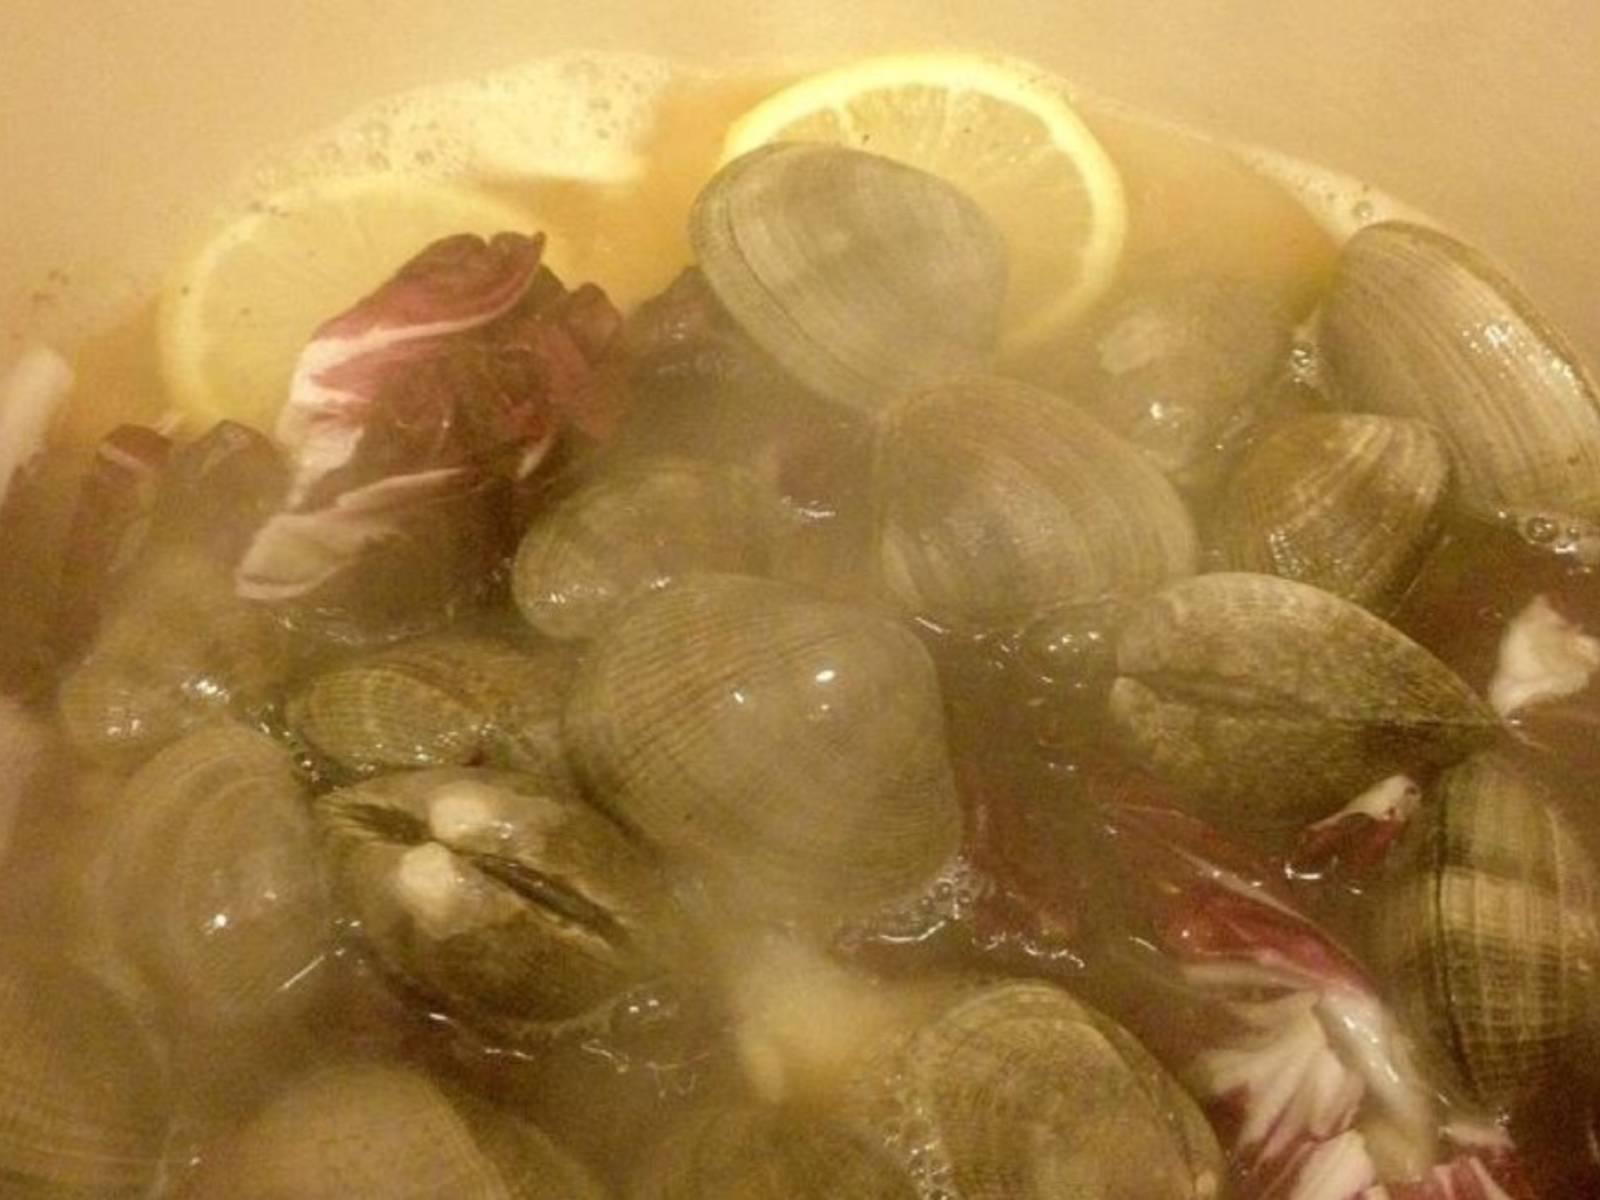 将蛤蜊和菊苣倒入高汤中,煮15分钟,至蛤蜊壳张开。弃用未开口的蛤蜊。